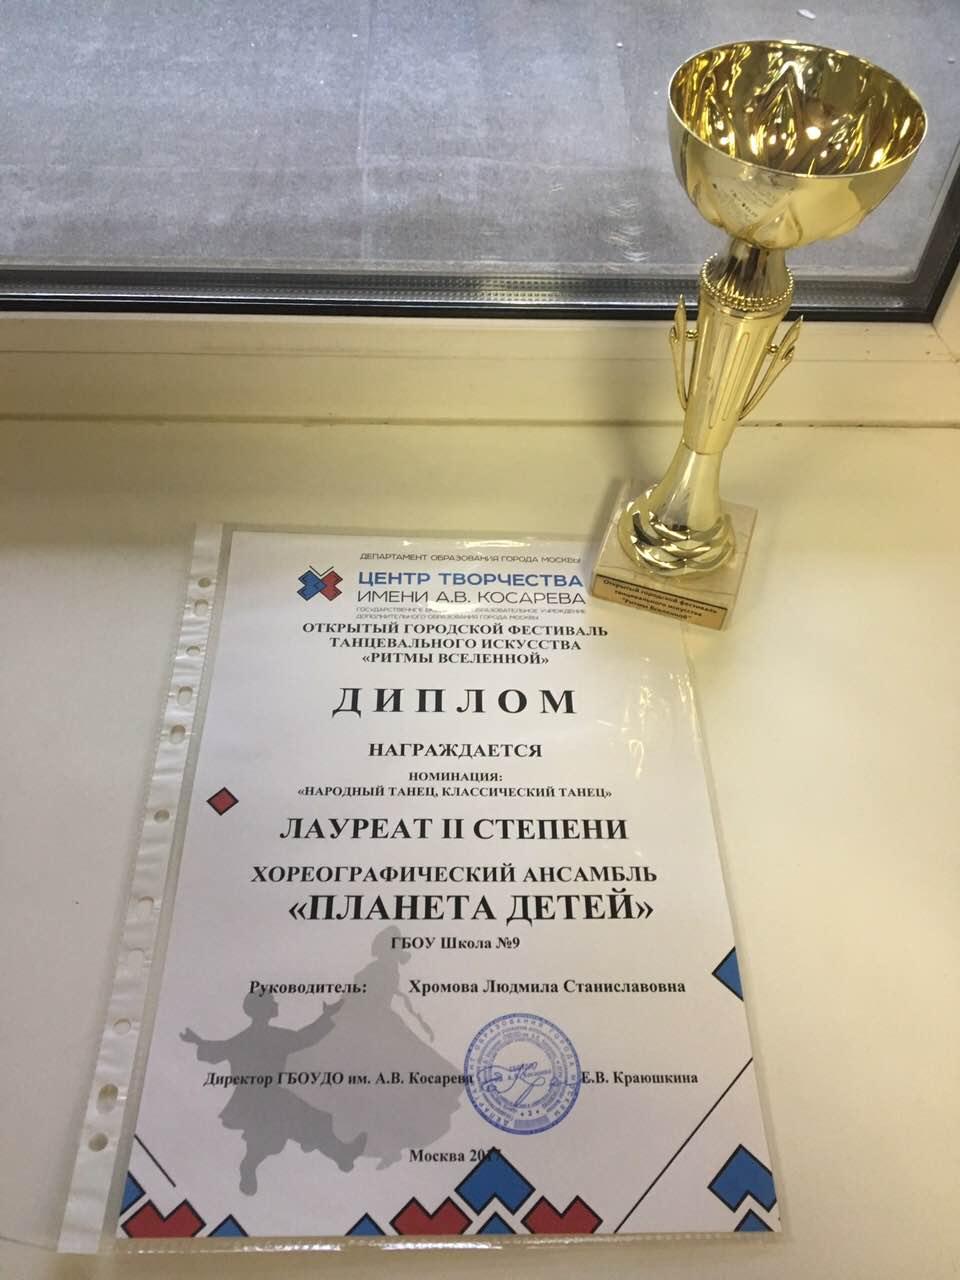 диплом лауреат II степени